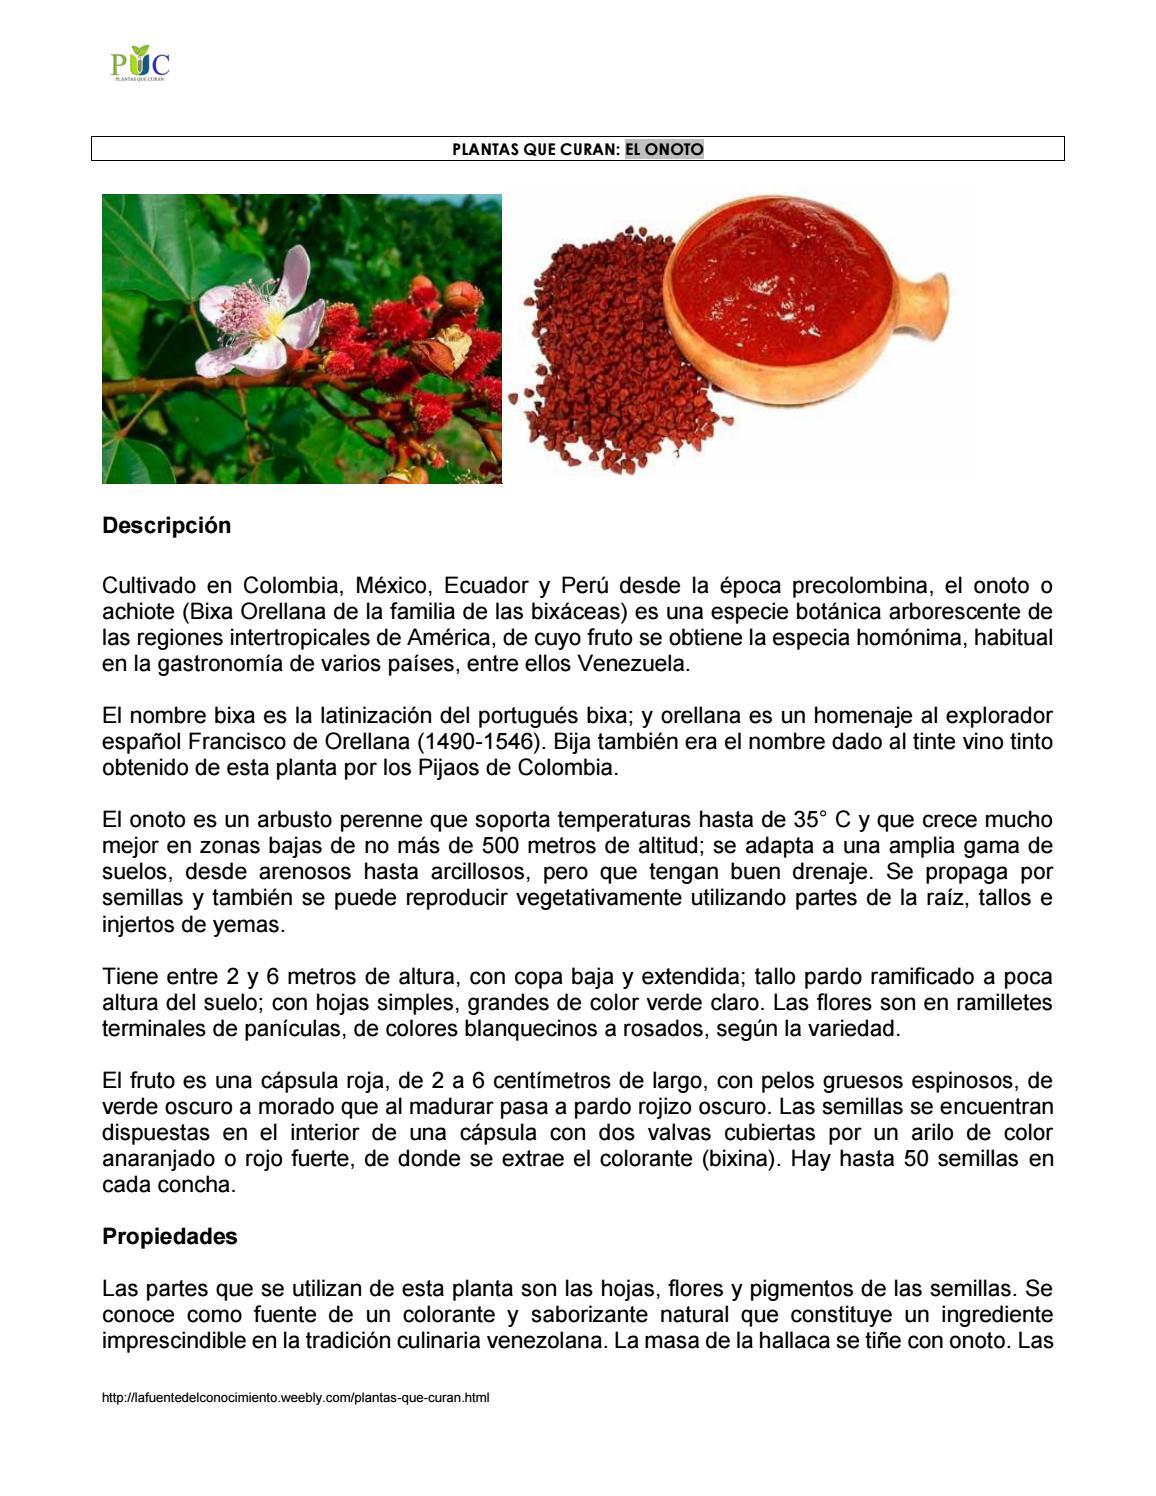 Propiedades del onoto by Plantas - issuu